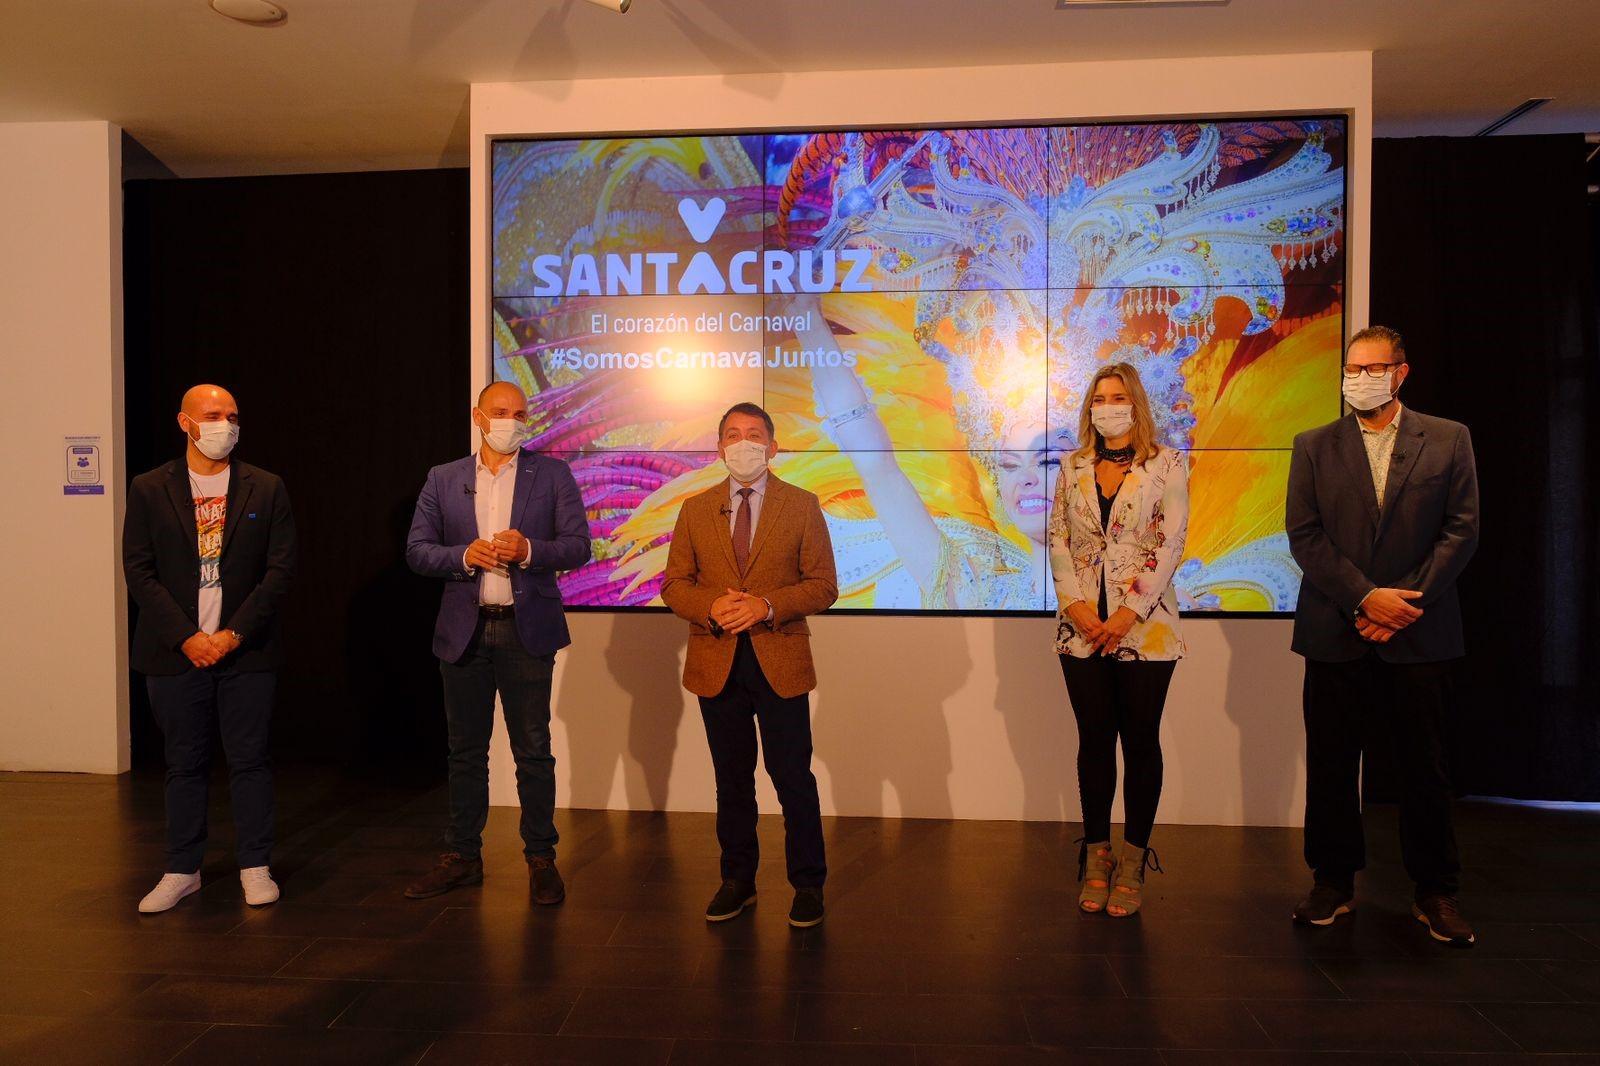 Presentación del Carnaval virtual de Santa Cruz de Tenerife / CanariasNoticias.es